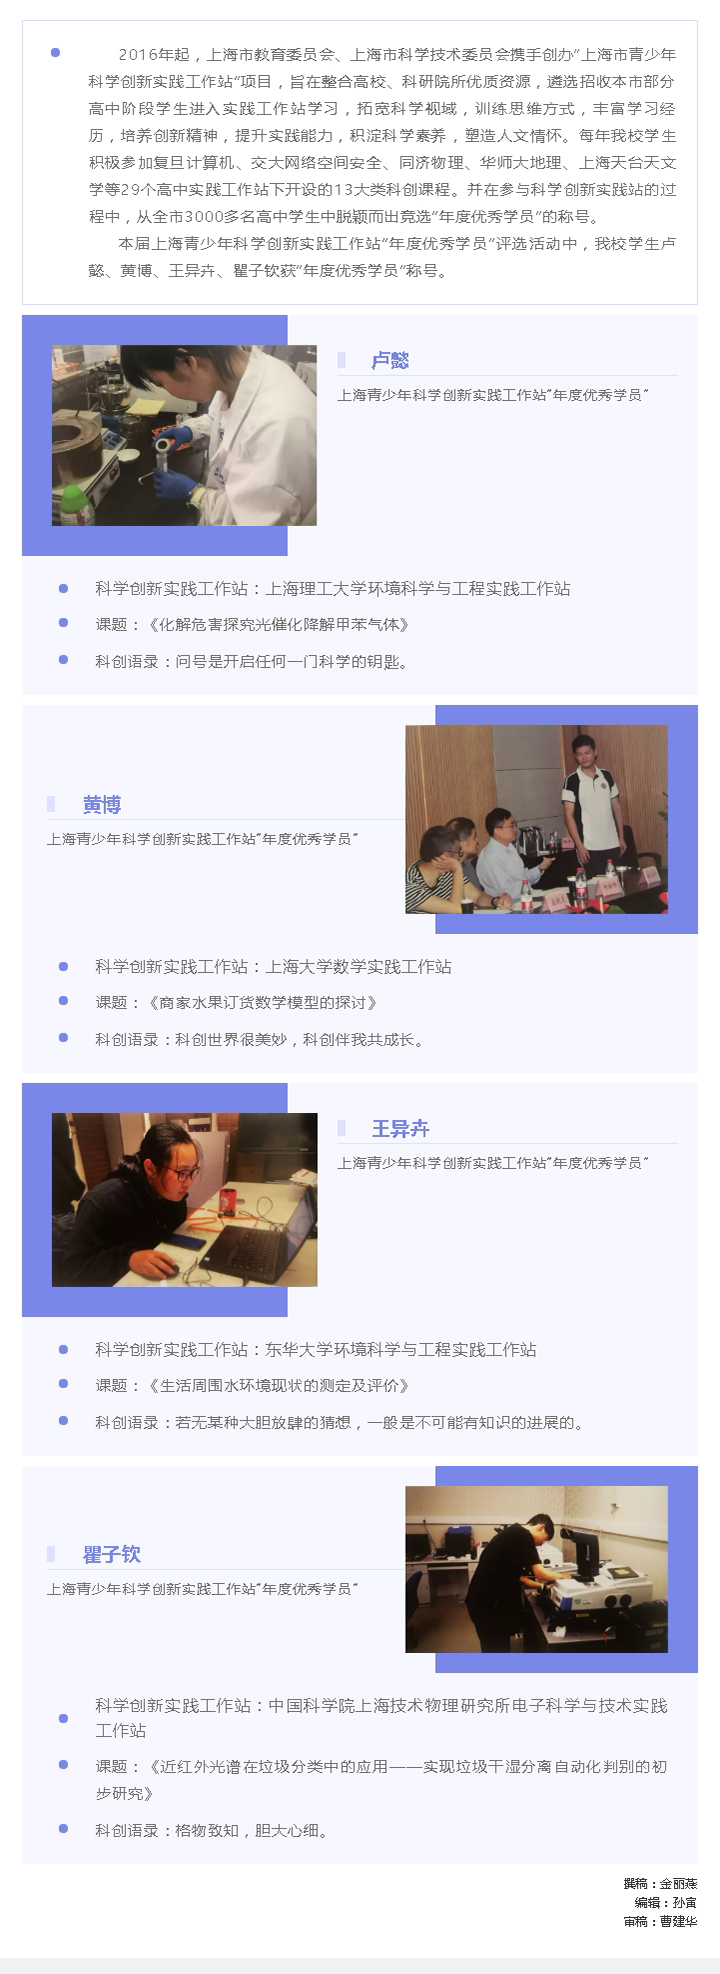 """心有所信,方能行远——我校学生获上海青少年科学创新实践工作站""""年度优秀学员""""称号_20201113090555.jpg"""